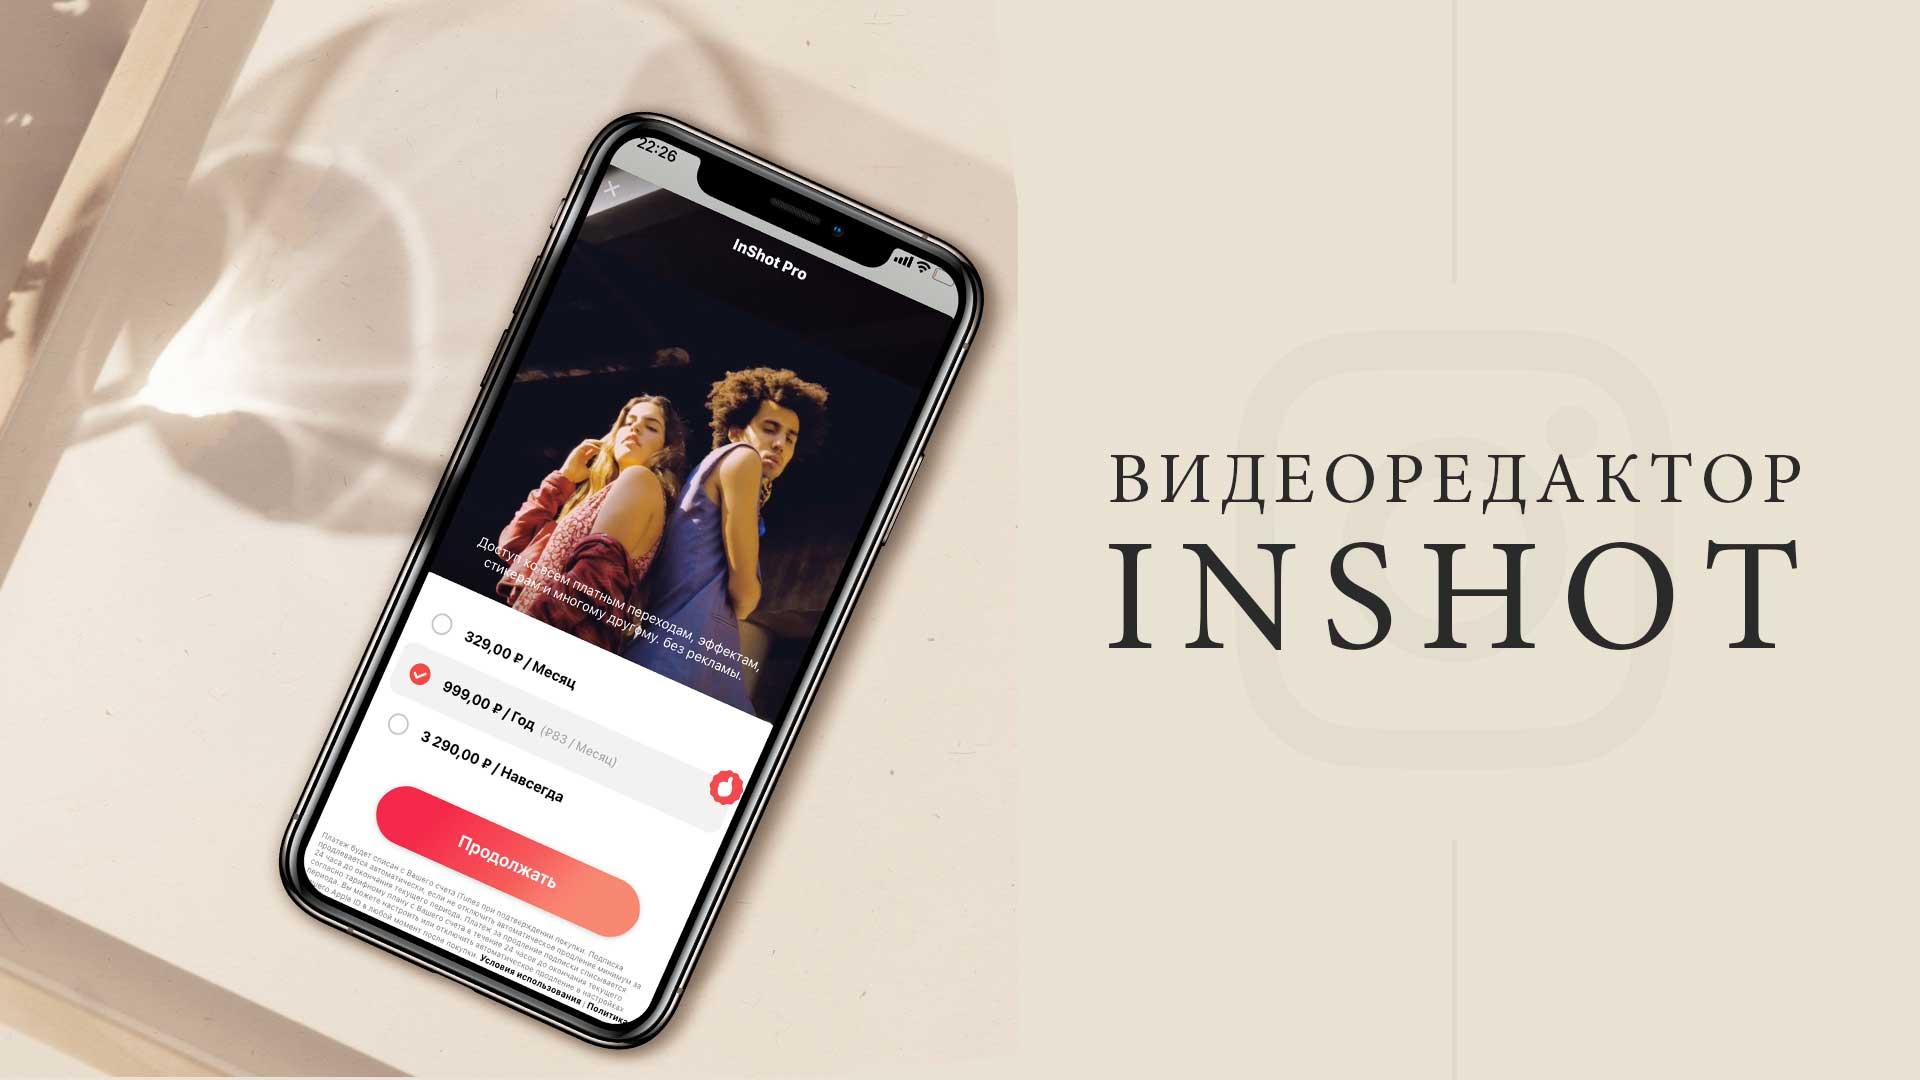 приложения для блогеров инстаграм